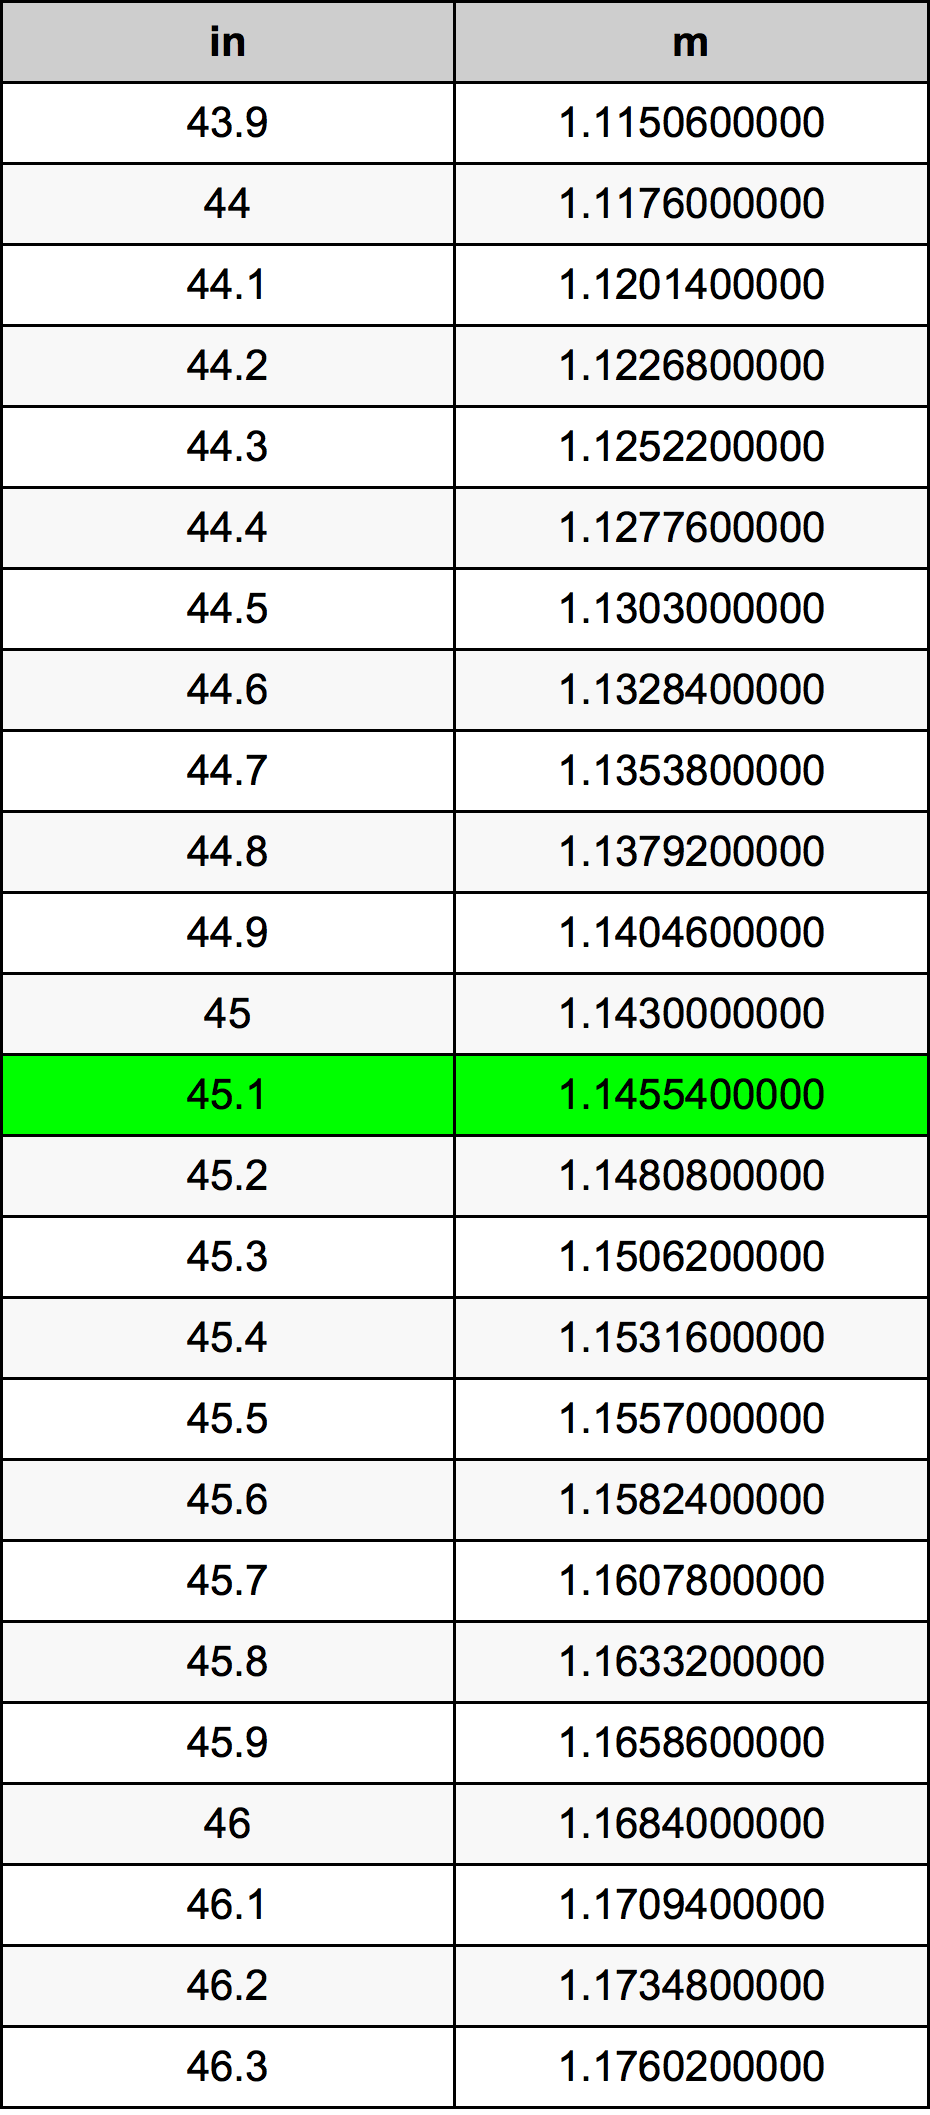 45.1 Pouce table de conversion